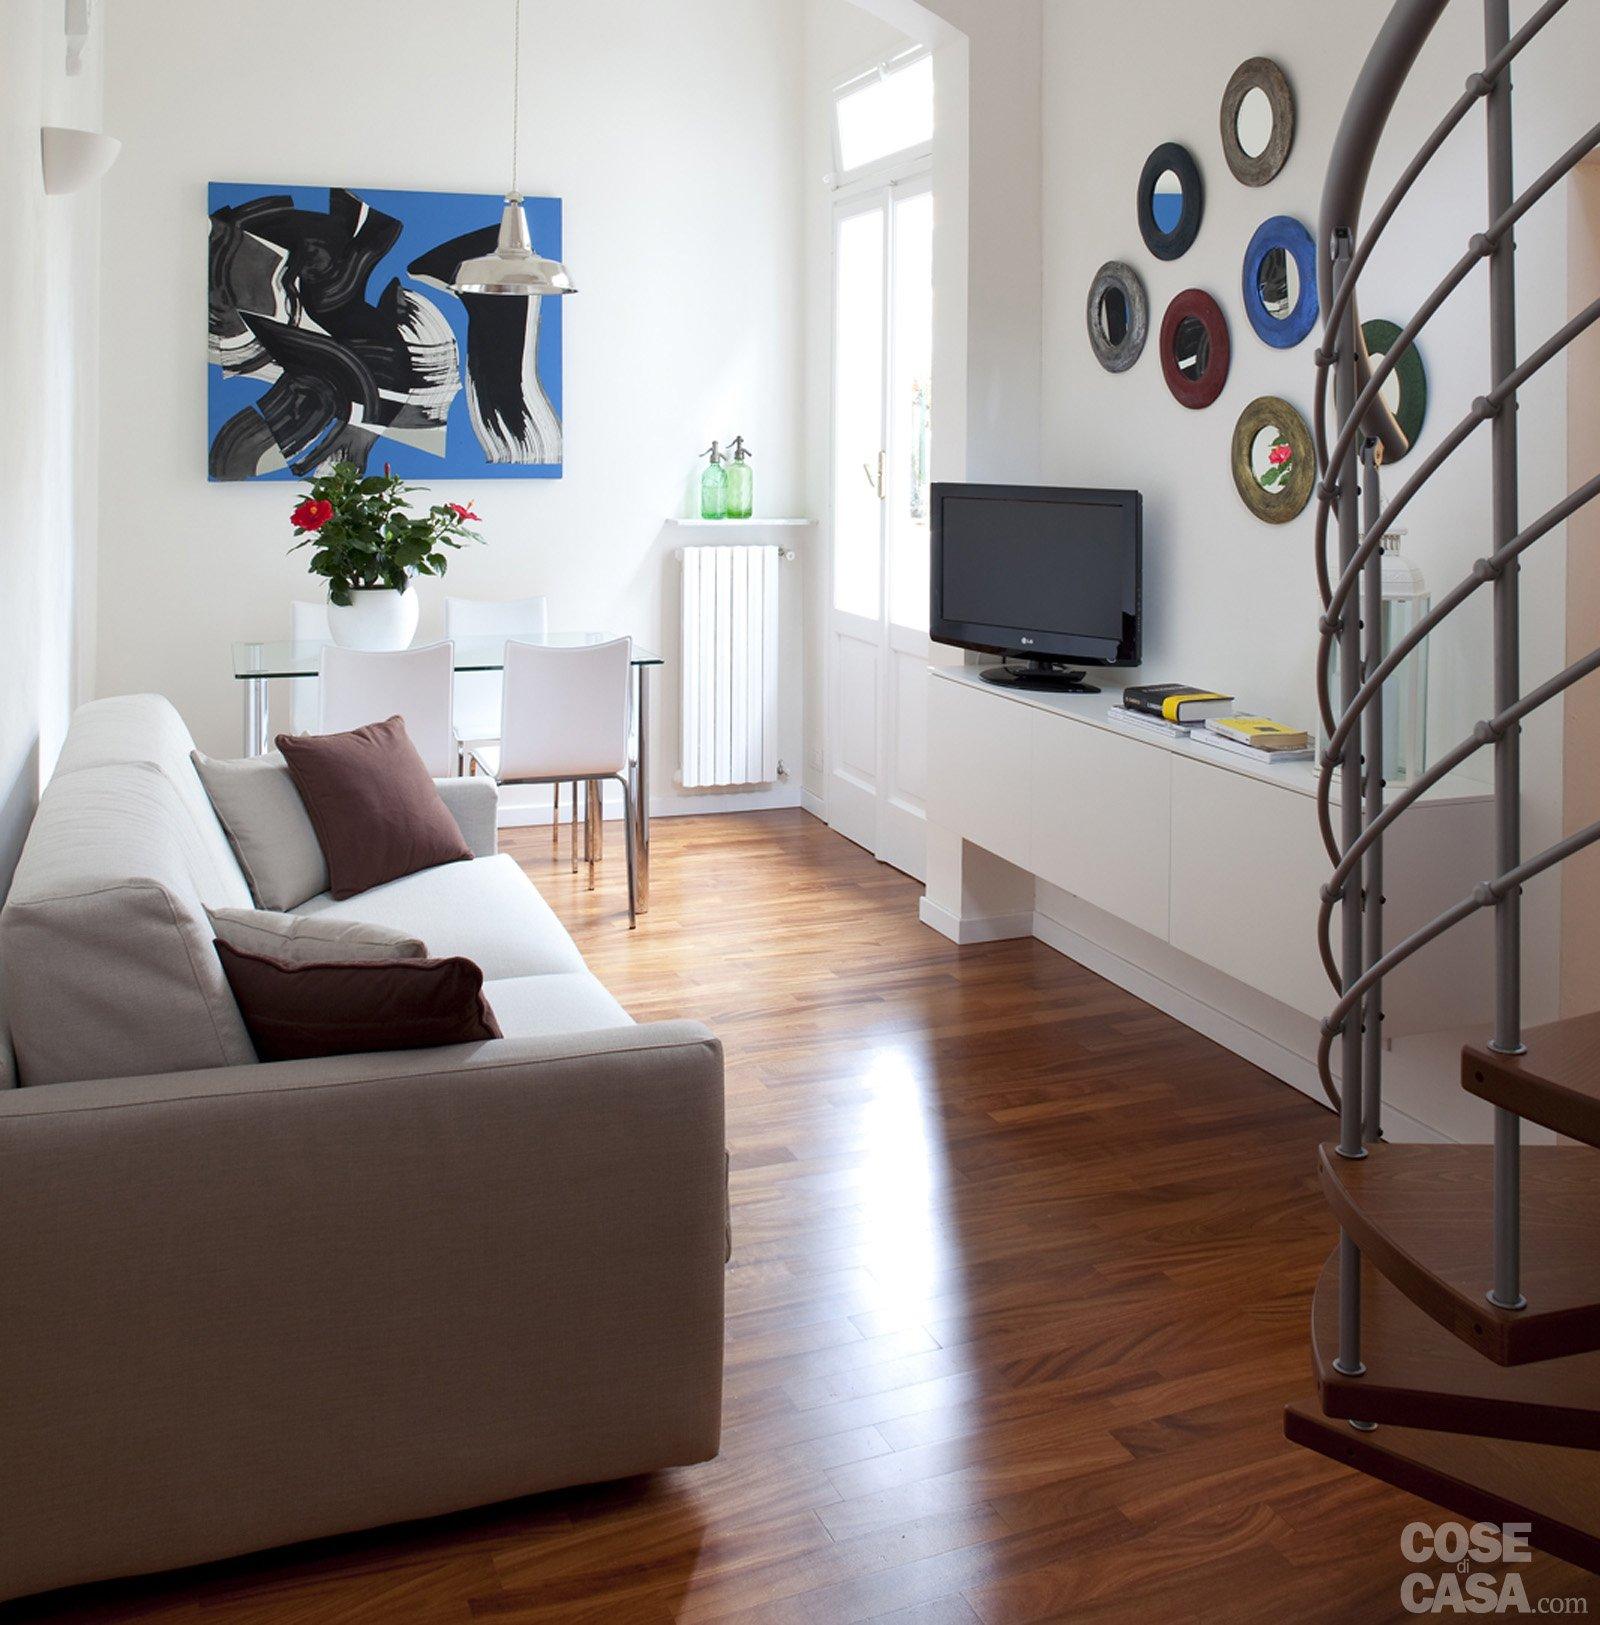 48 Mq: Bilocale Su Due Livelli Cose Di Casa #346097 1600 1625 Come Arredare Una Cucina Piccola Rettangolare